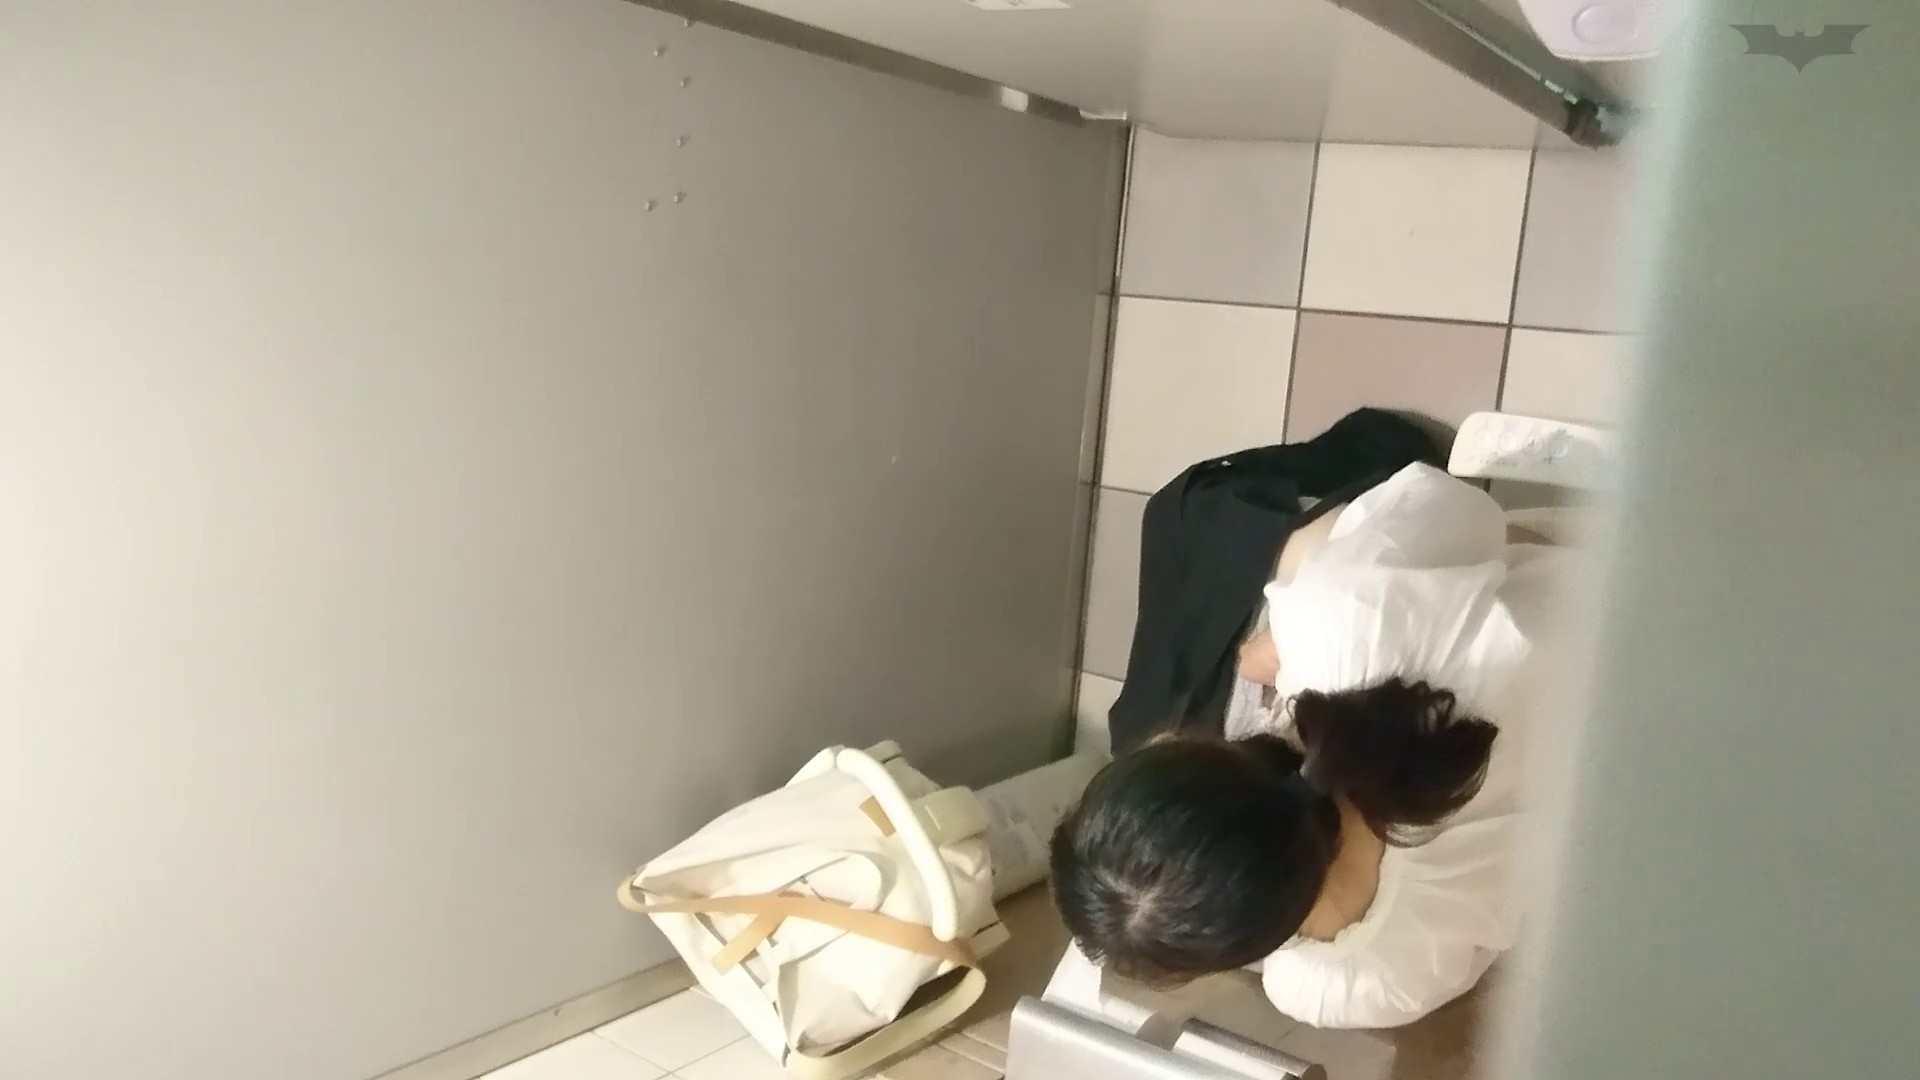 化粧室絵巻 ショッピングモール編 VOL.22 美肌 性交動画流出 111枚 35